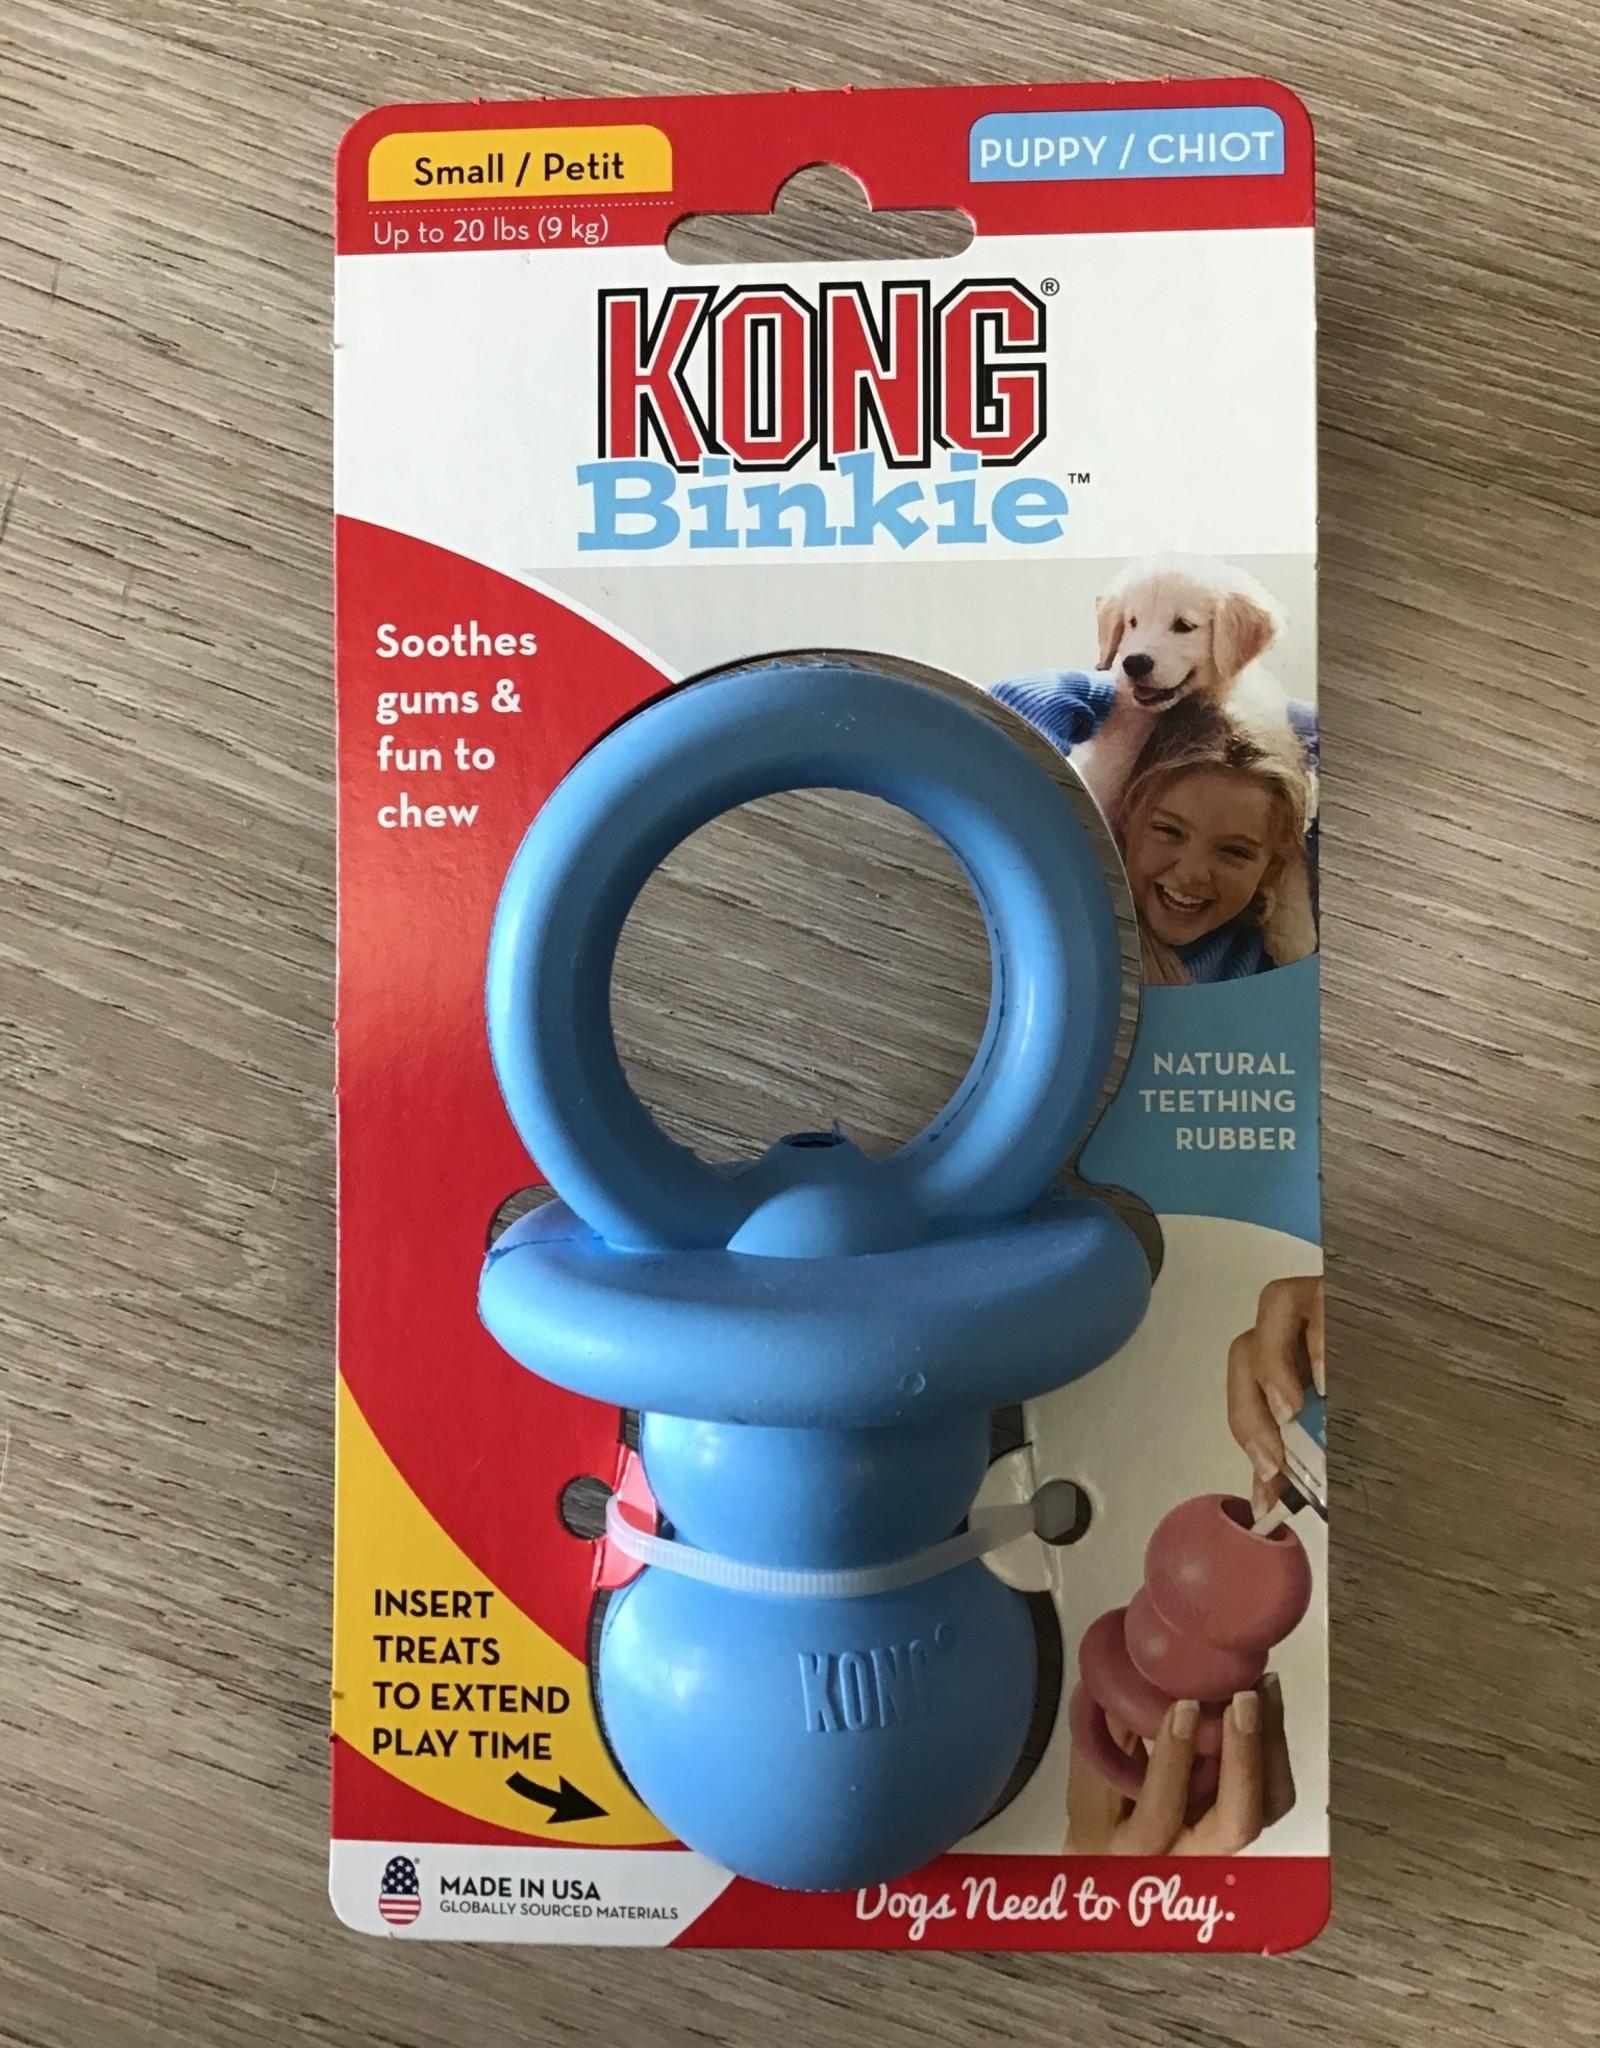 Kong Binkie Puppy